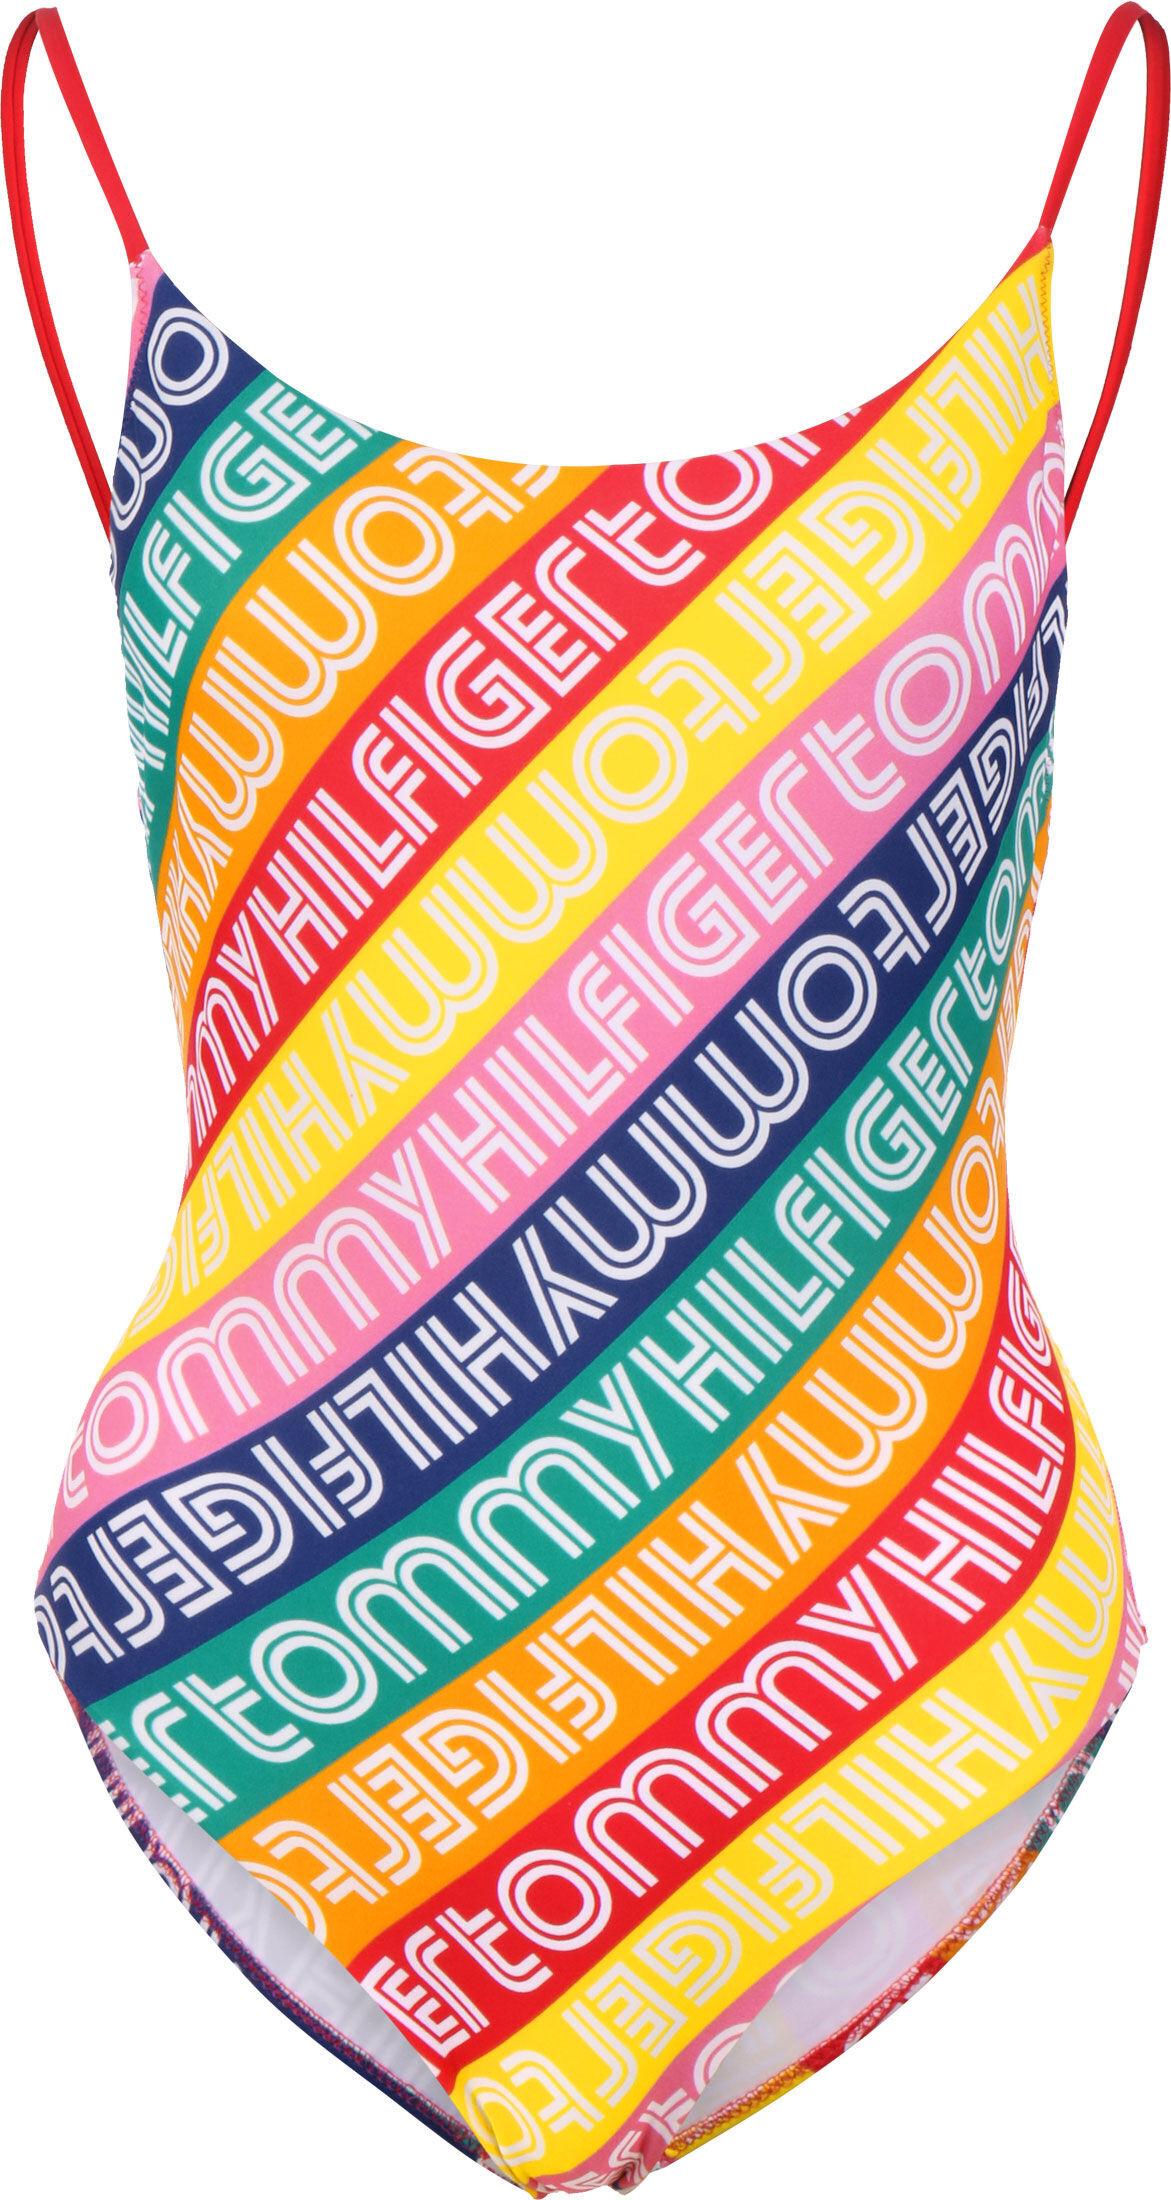 Tommy Hilfiger maillot de bain, S, femme multi-couleur rayé